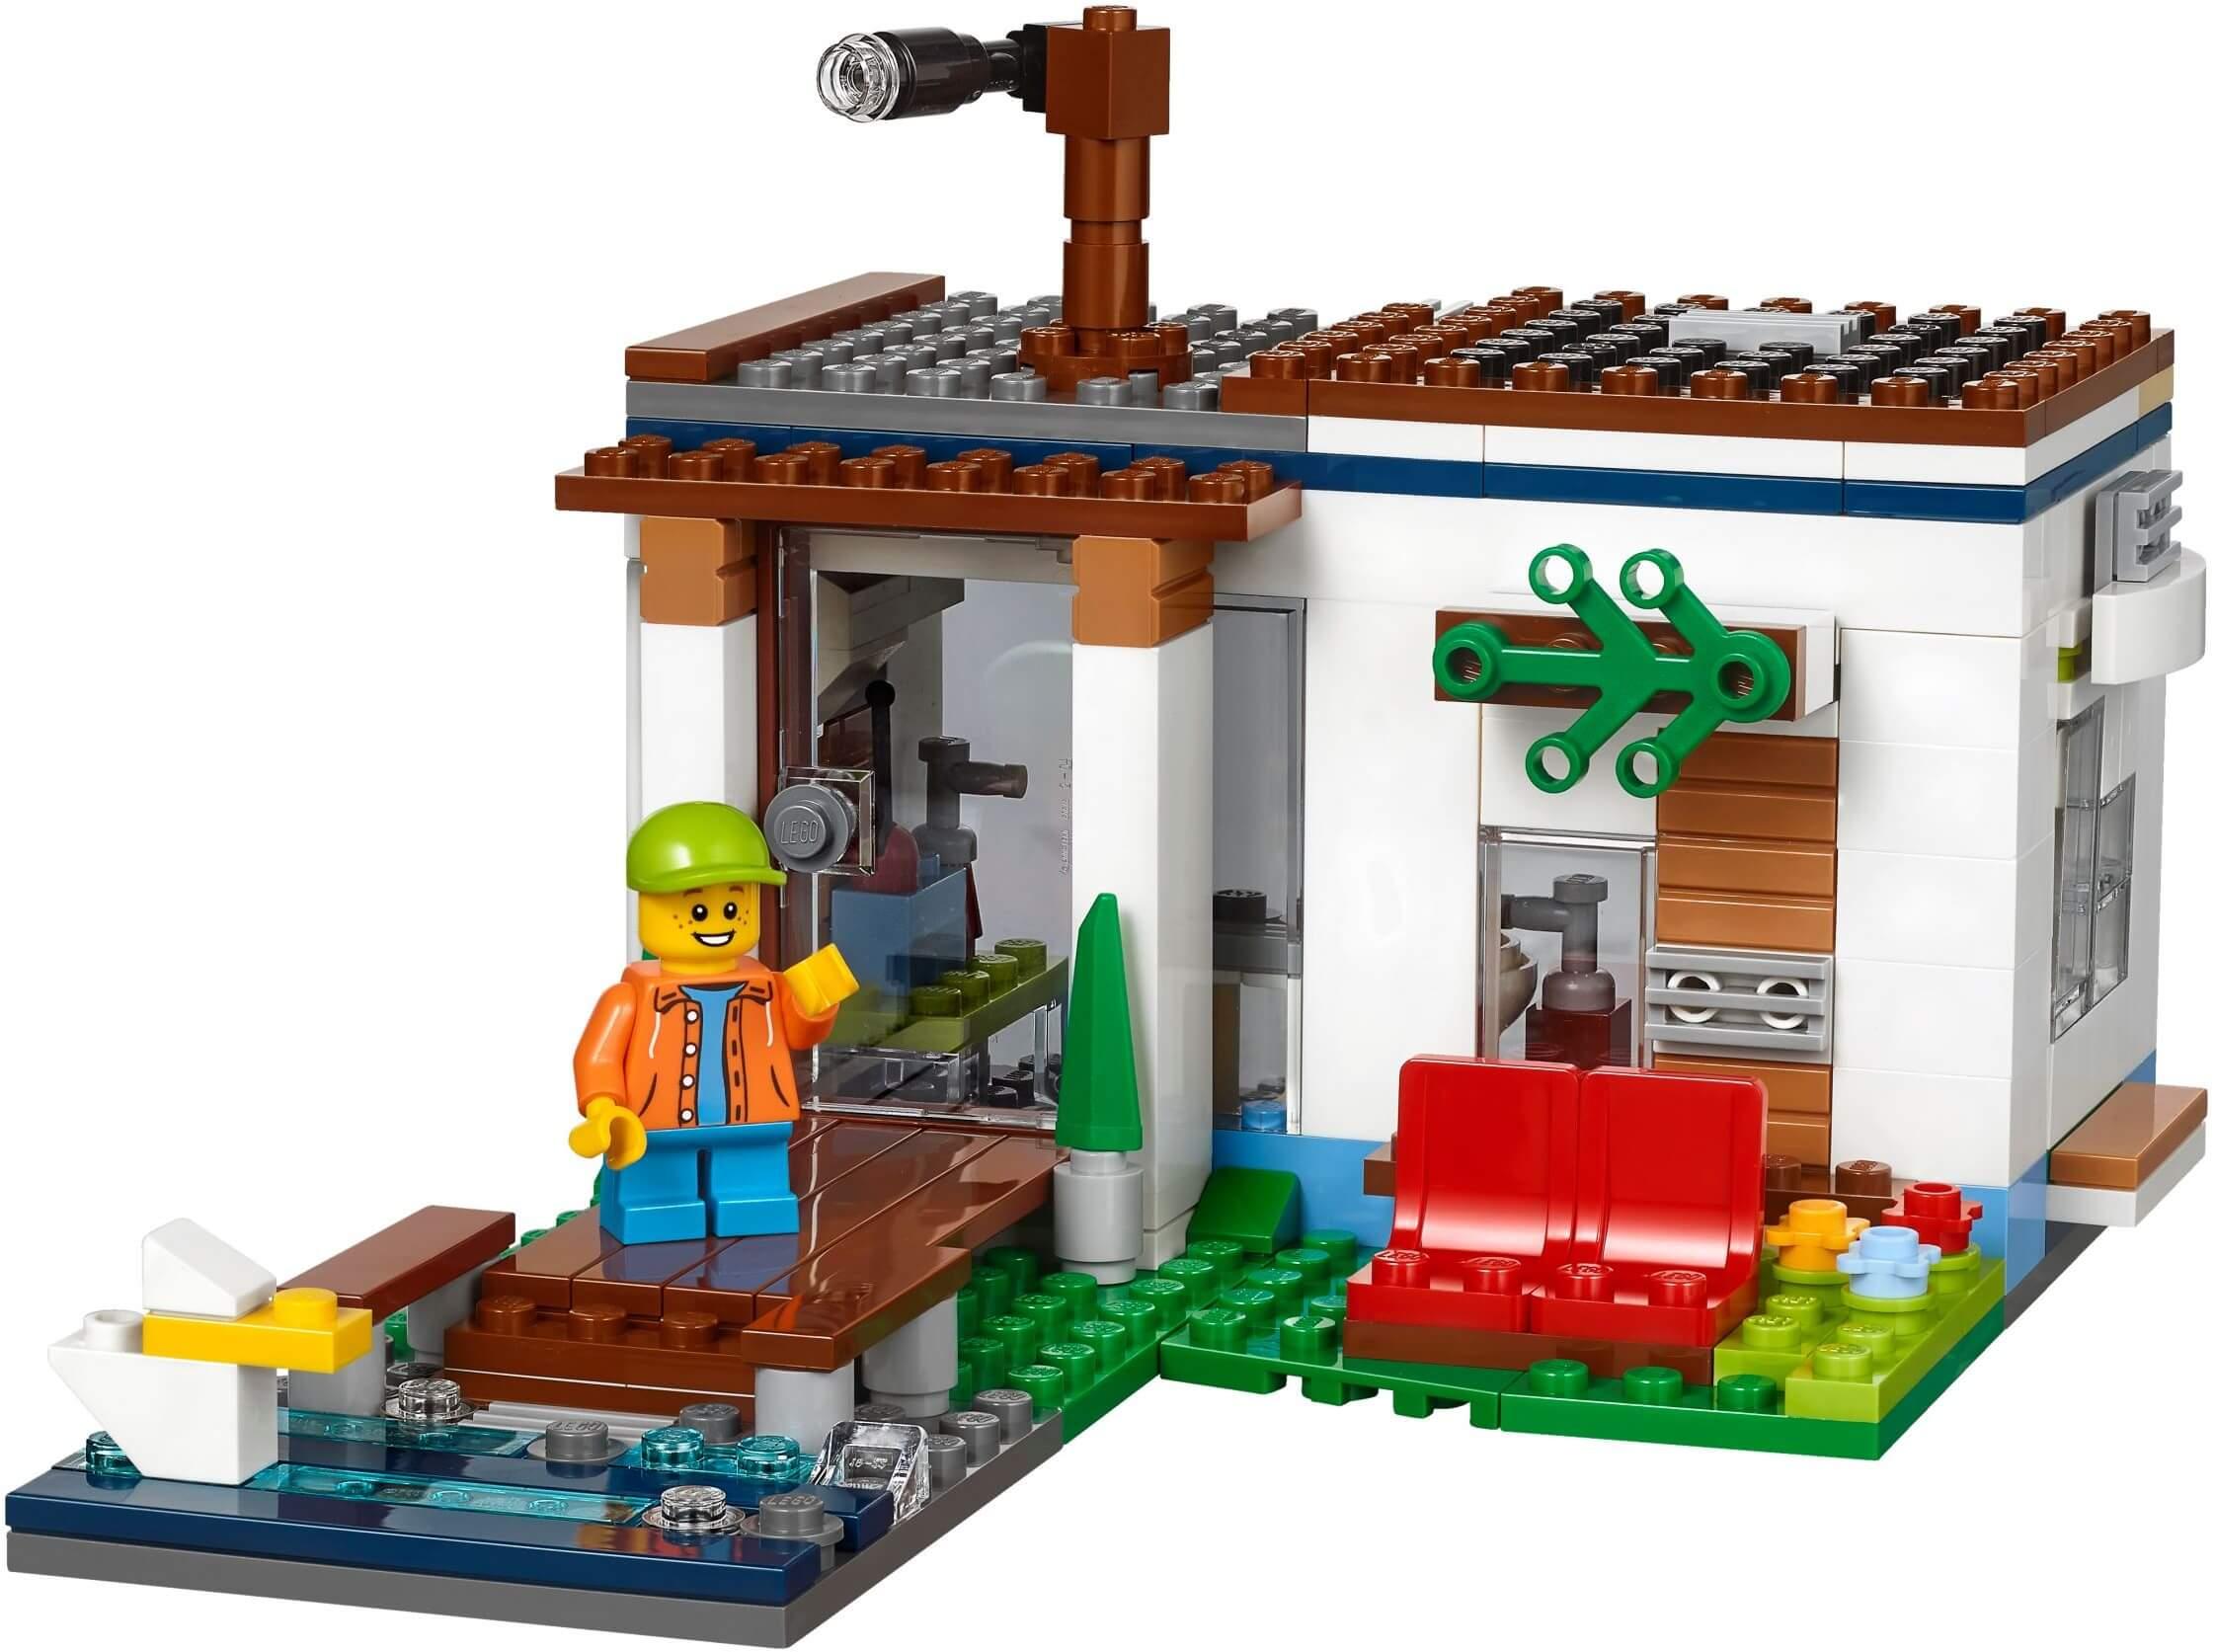 Mua đồ chơi LEGO 31068 - LEGO Creator 31068 - Mô hình Nhà Khối Hiện Đại 3-trong-1 (LEGO Creator Modular Modern Home)